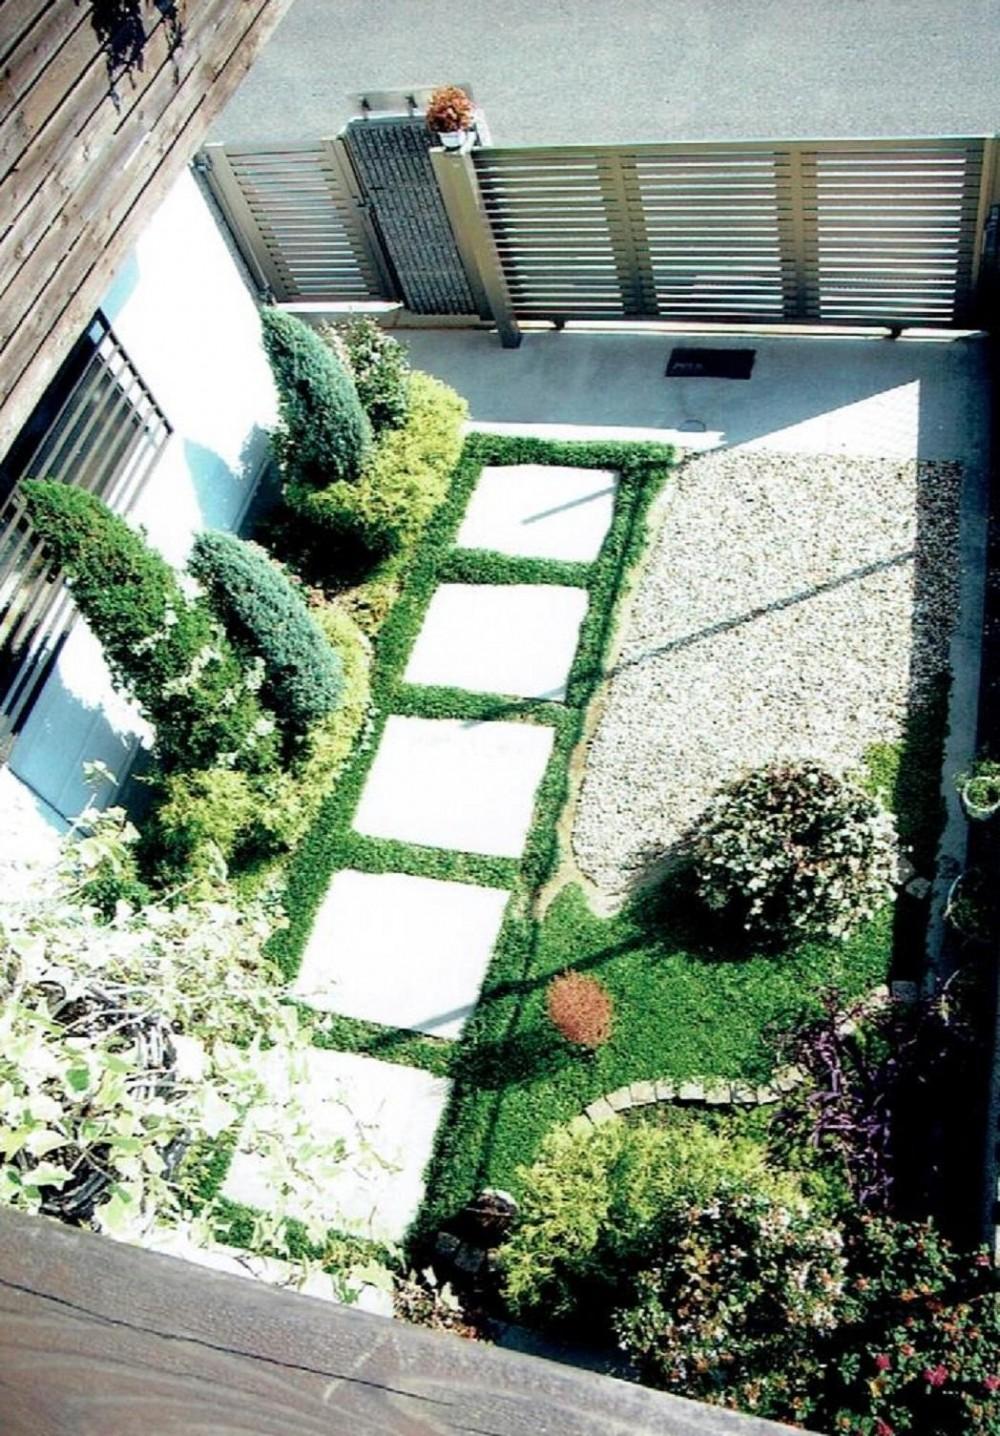 家族のびのび大空間:自然素材の家 (ガーデニング)